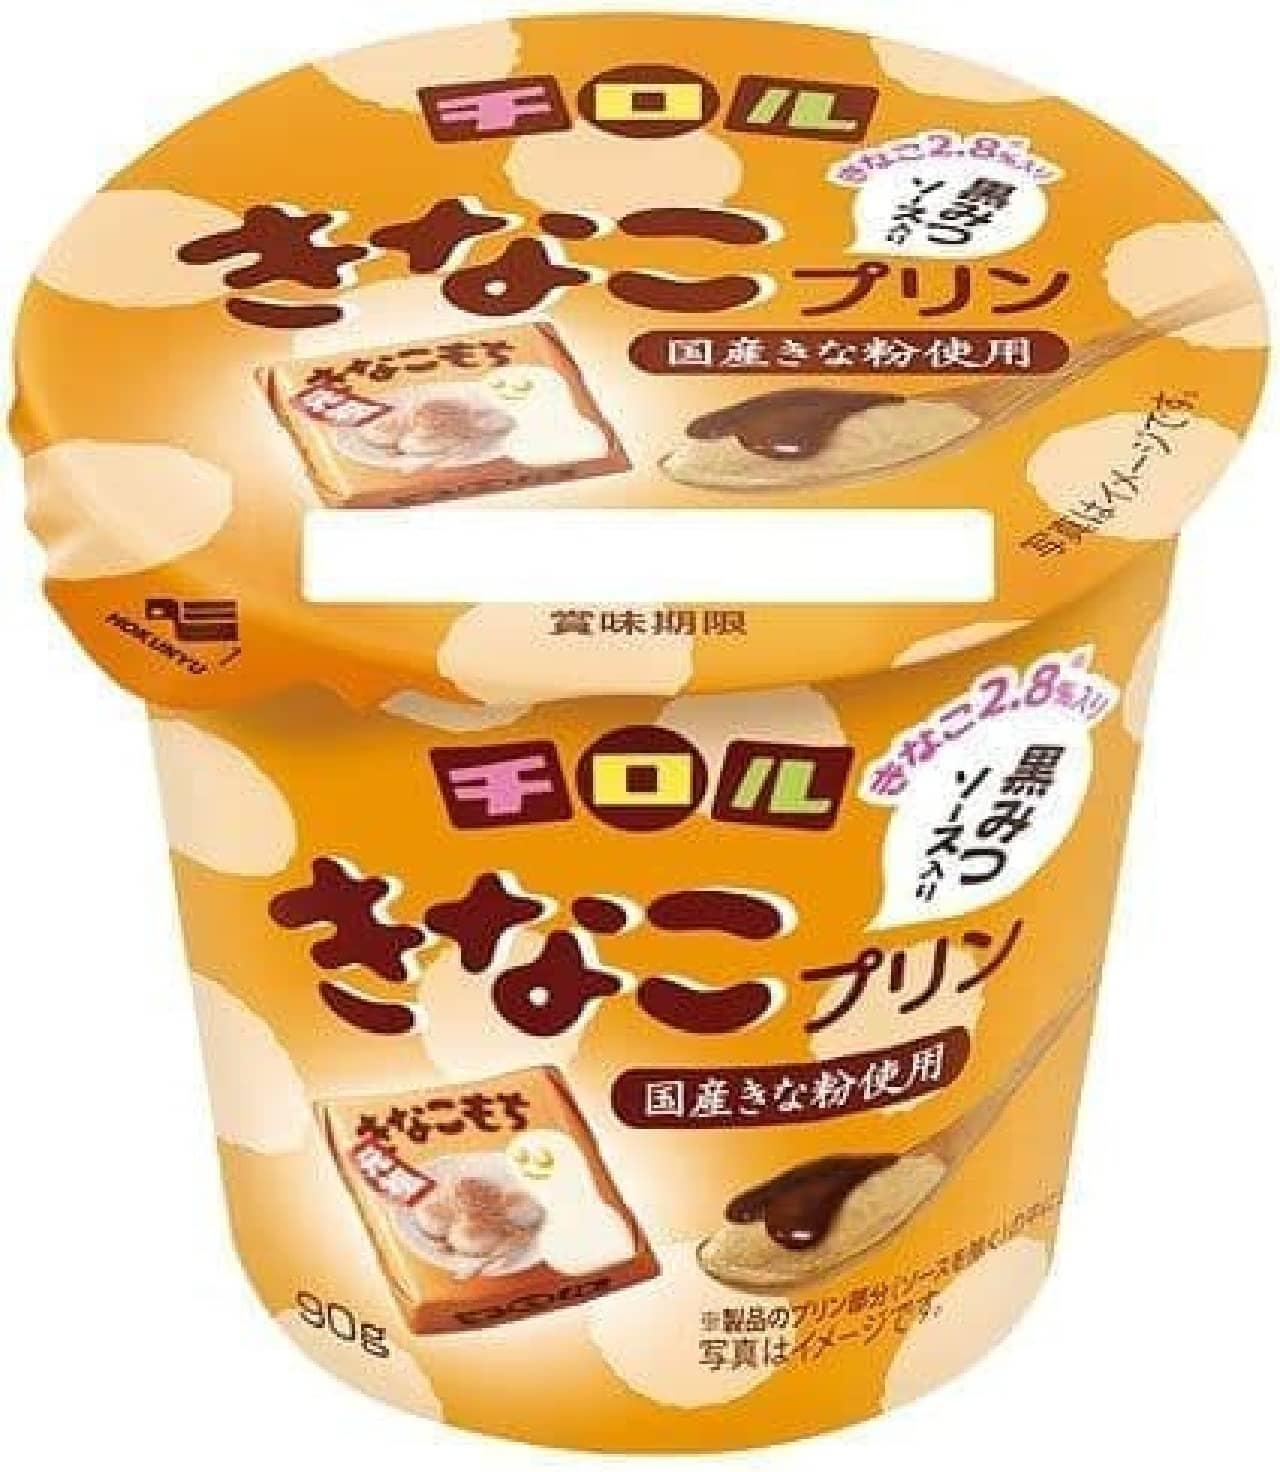 北海道乳業「チロル きなこプリン 黒みつソース入り」